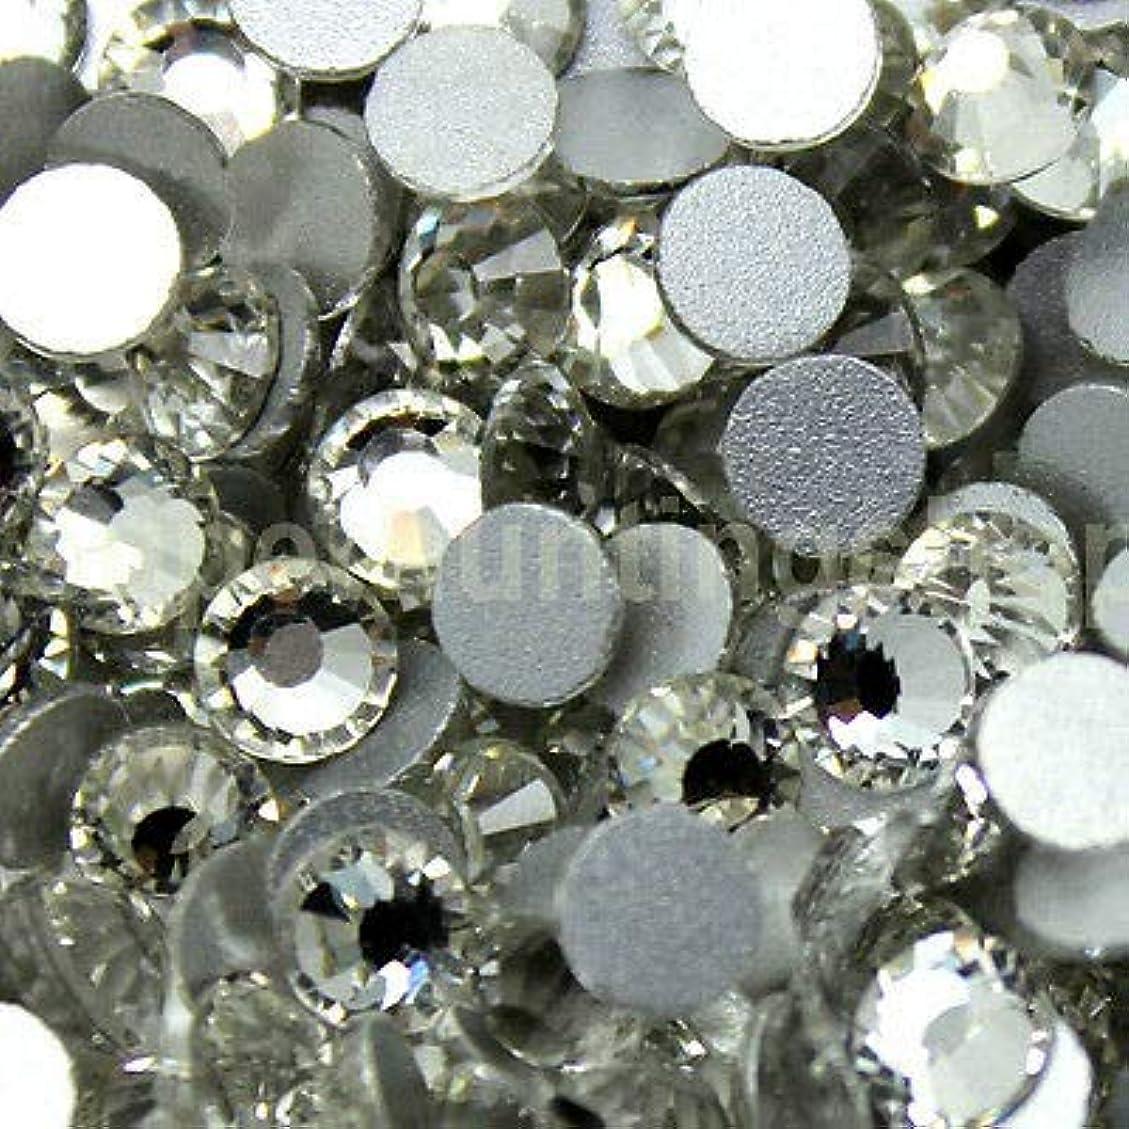 背景違反する同意するFidgetGear DIY 1.3-8.5 mmクリスタルヒラタラインストーンネイルアートデコレーションSS3-SS40 結晶